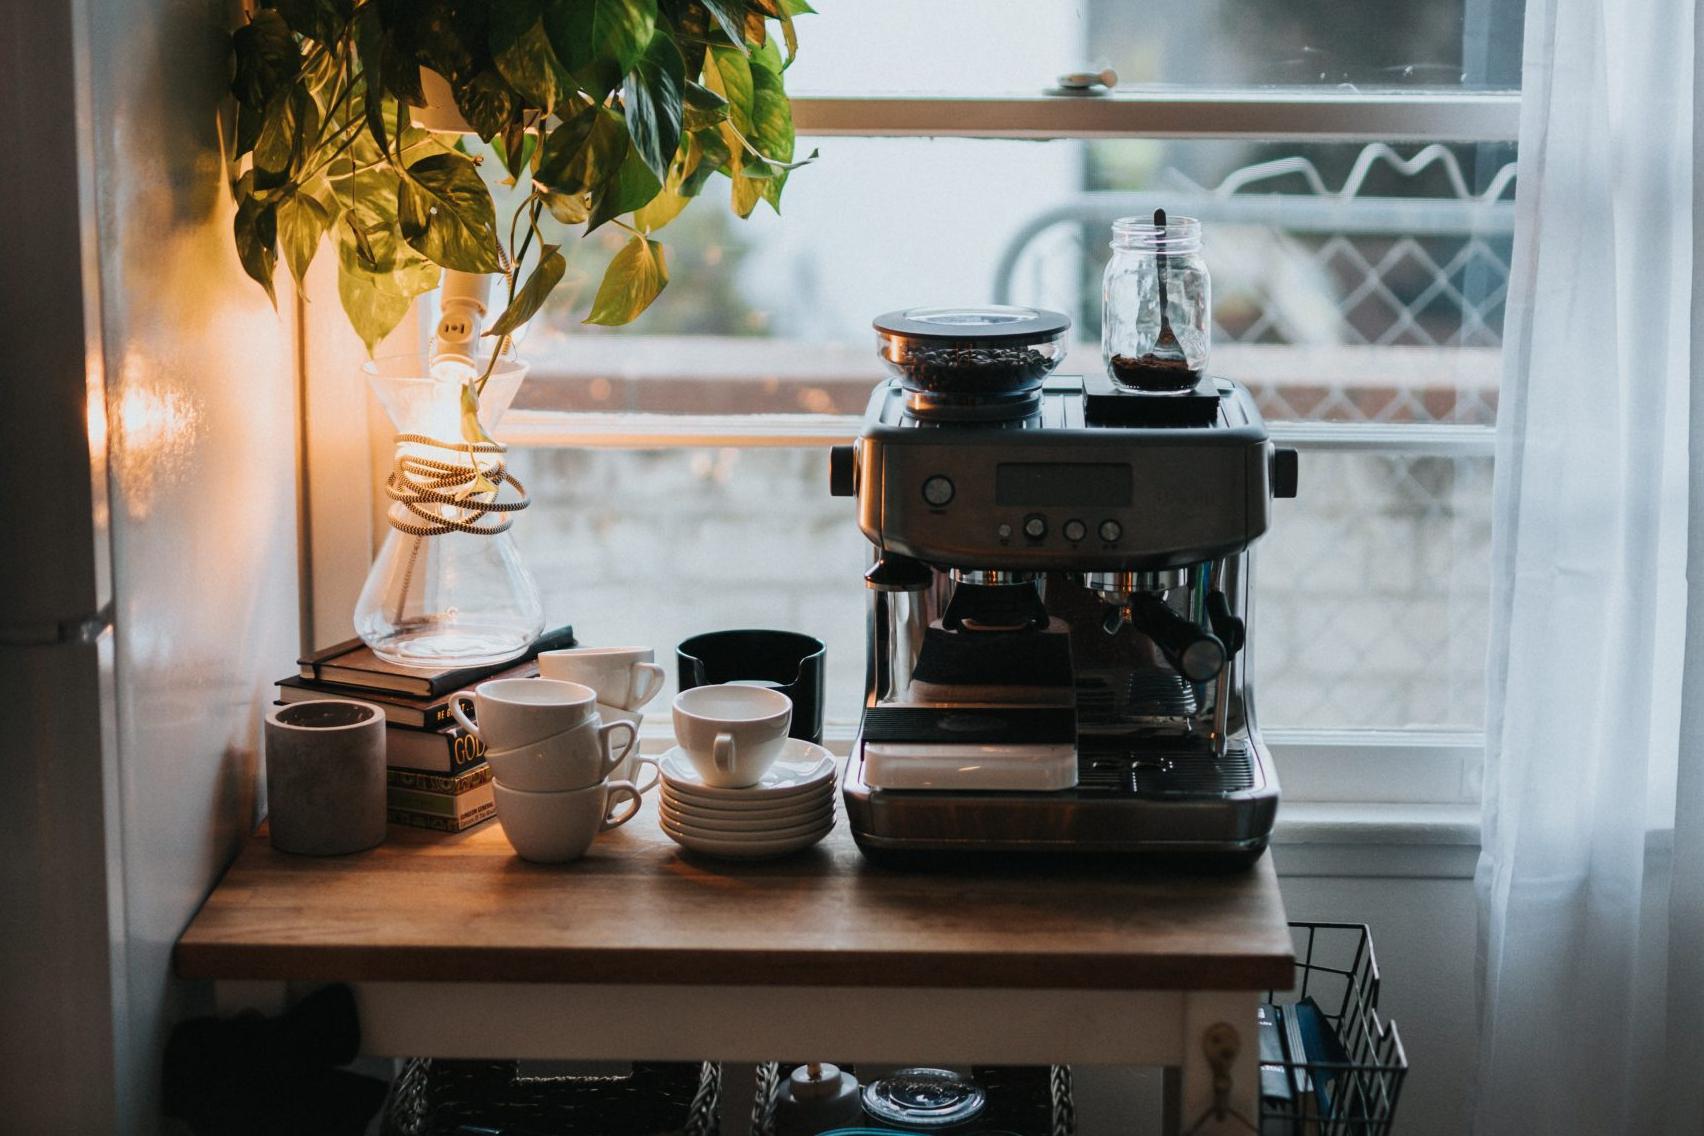 cafetera en cocina vintage